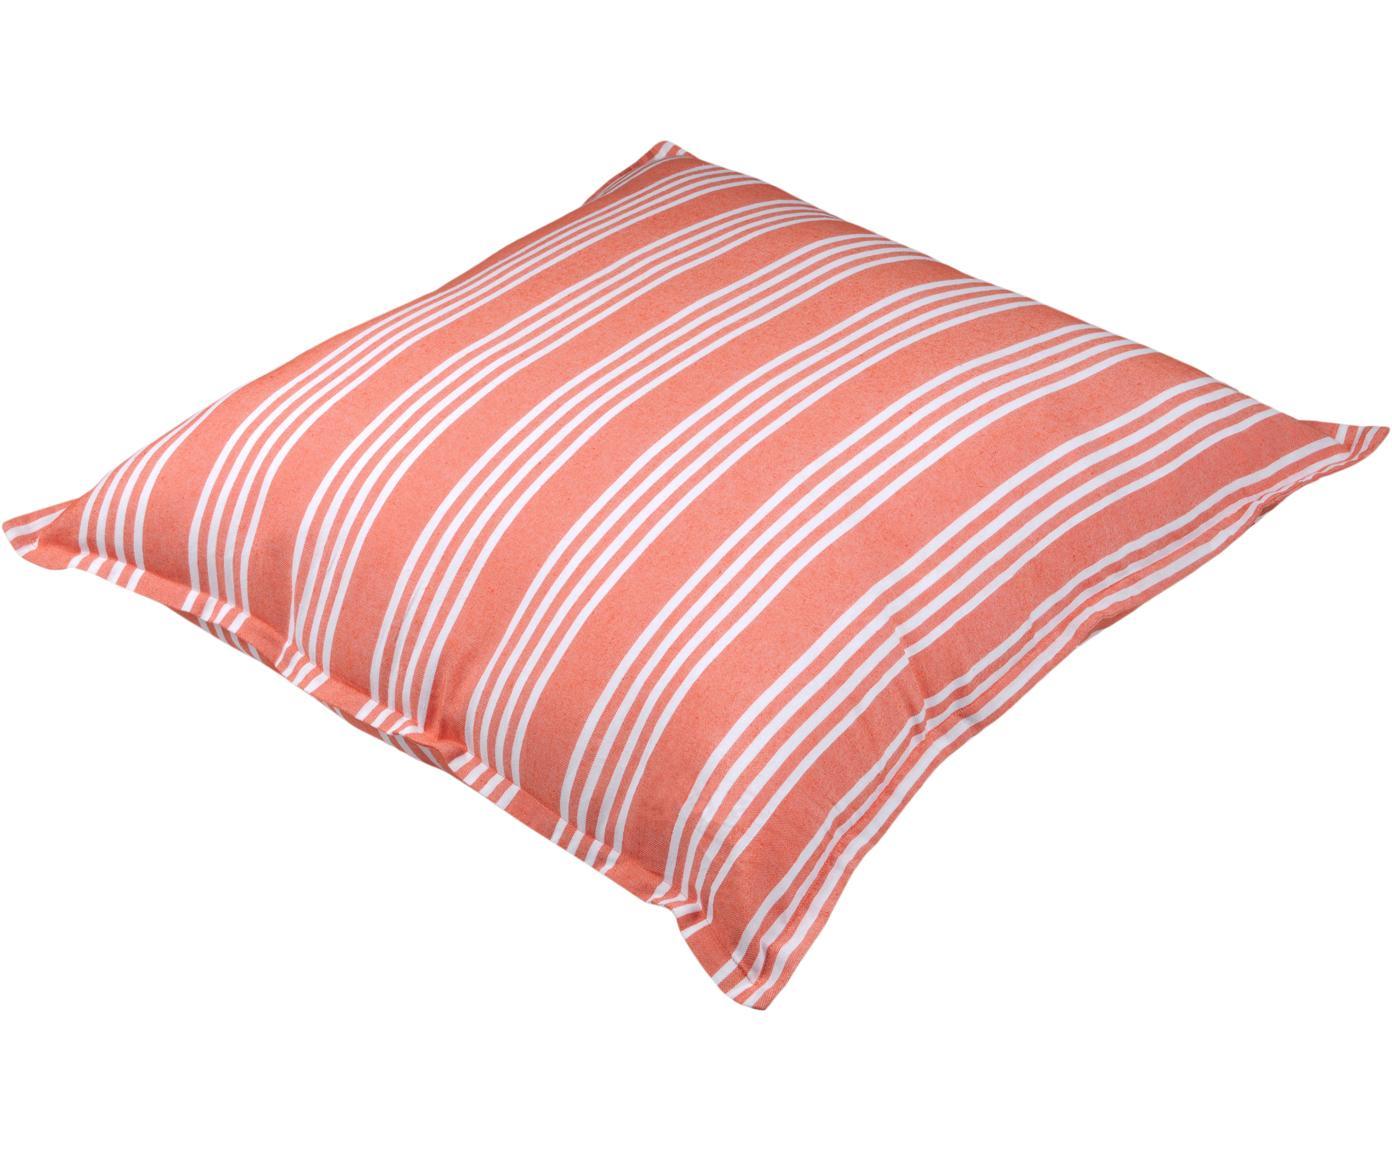 Poduszka podłogowa Mandelieu, Mieszanka bawełny, Koralowy, biały, S 80 x D 80 cm